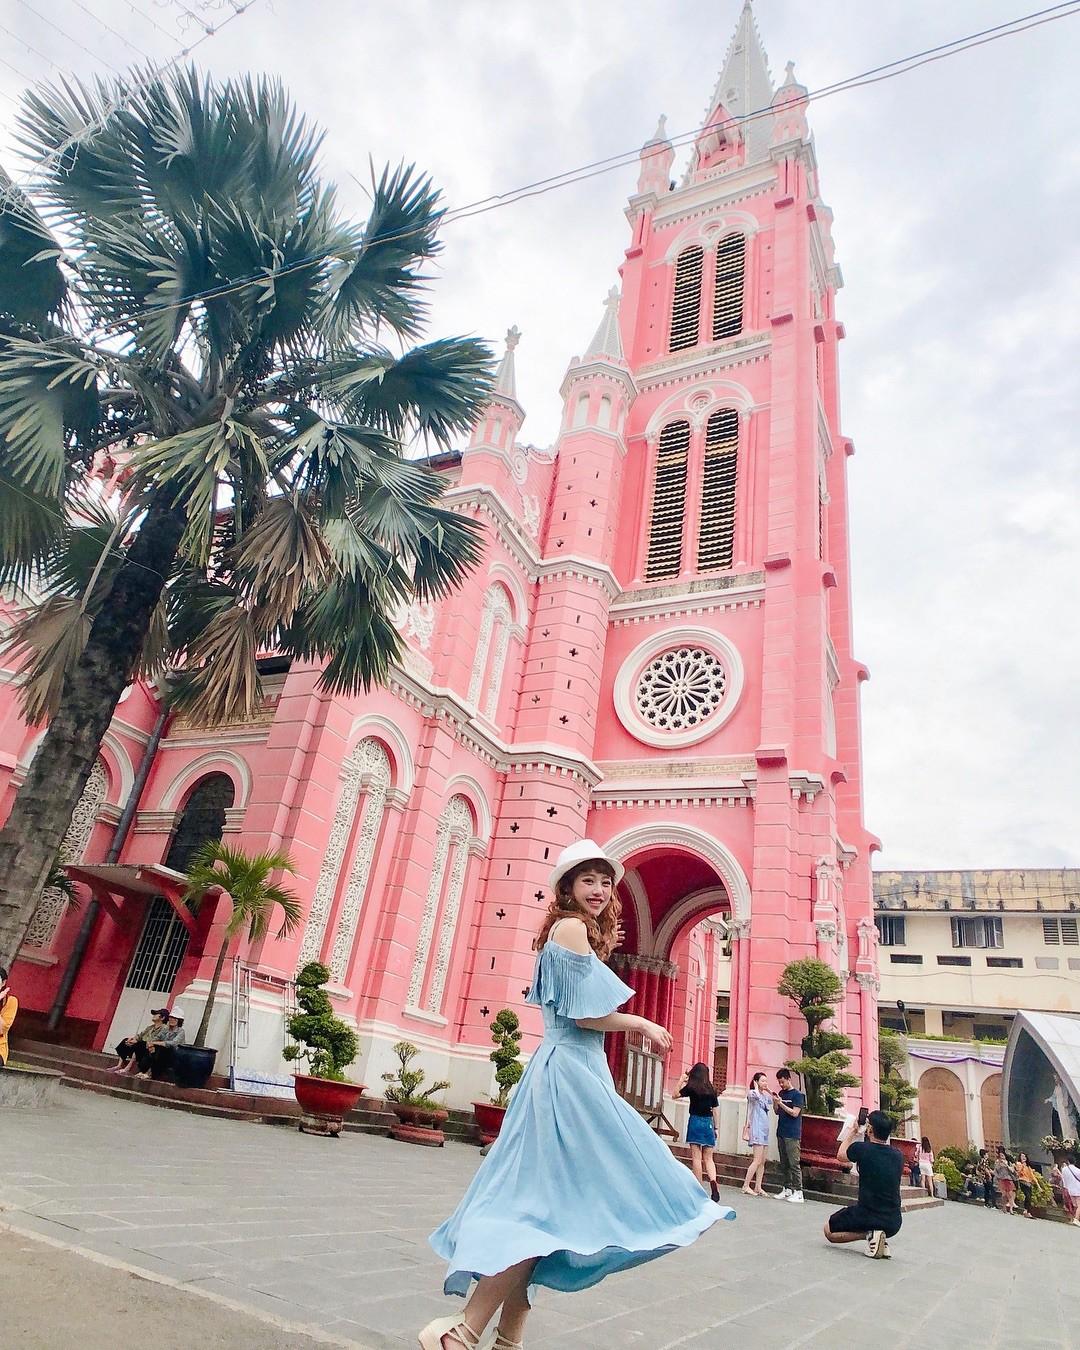 Vẻ đẹp của nhà thờ màu hồng nằm giữa lòng Sài Gòn khiến du khách mê mẩn - Ảnh 1.